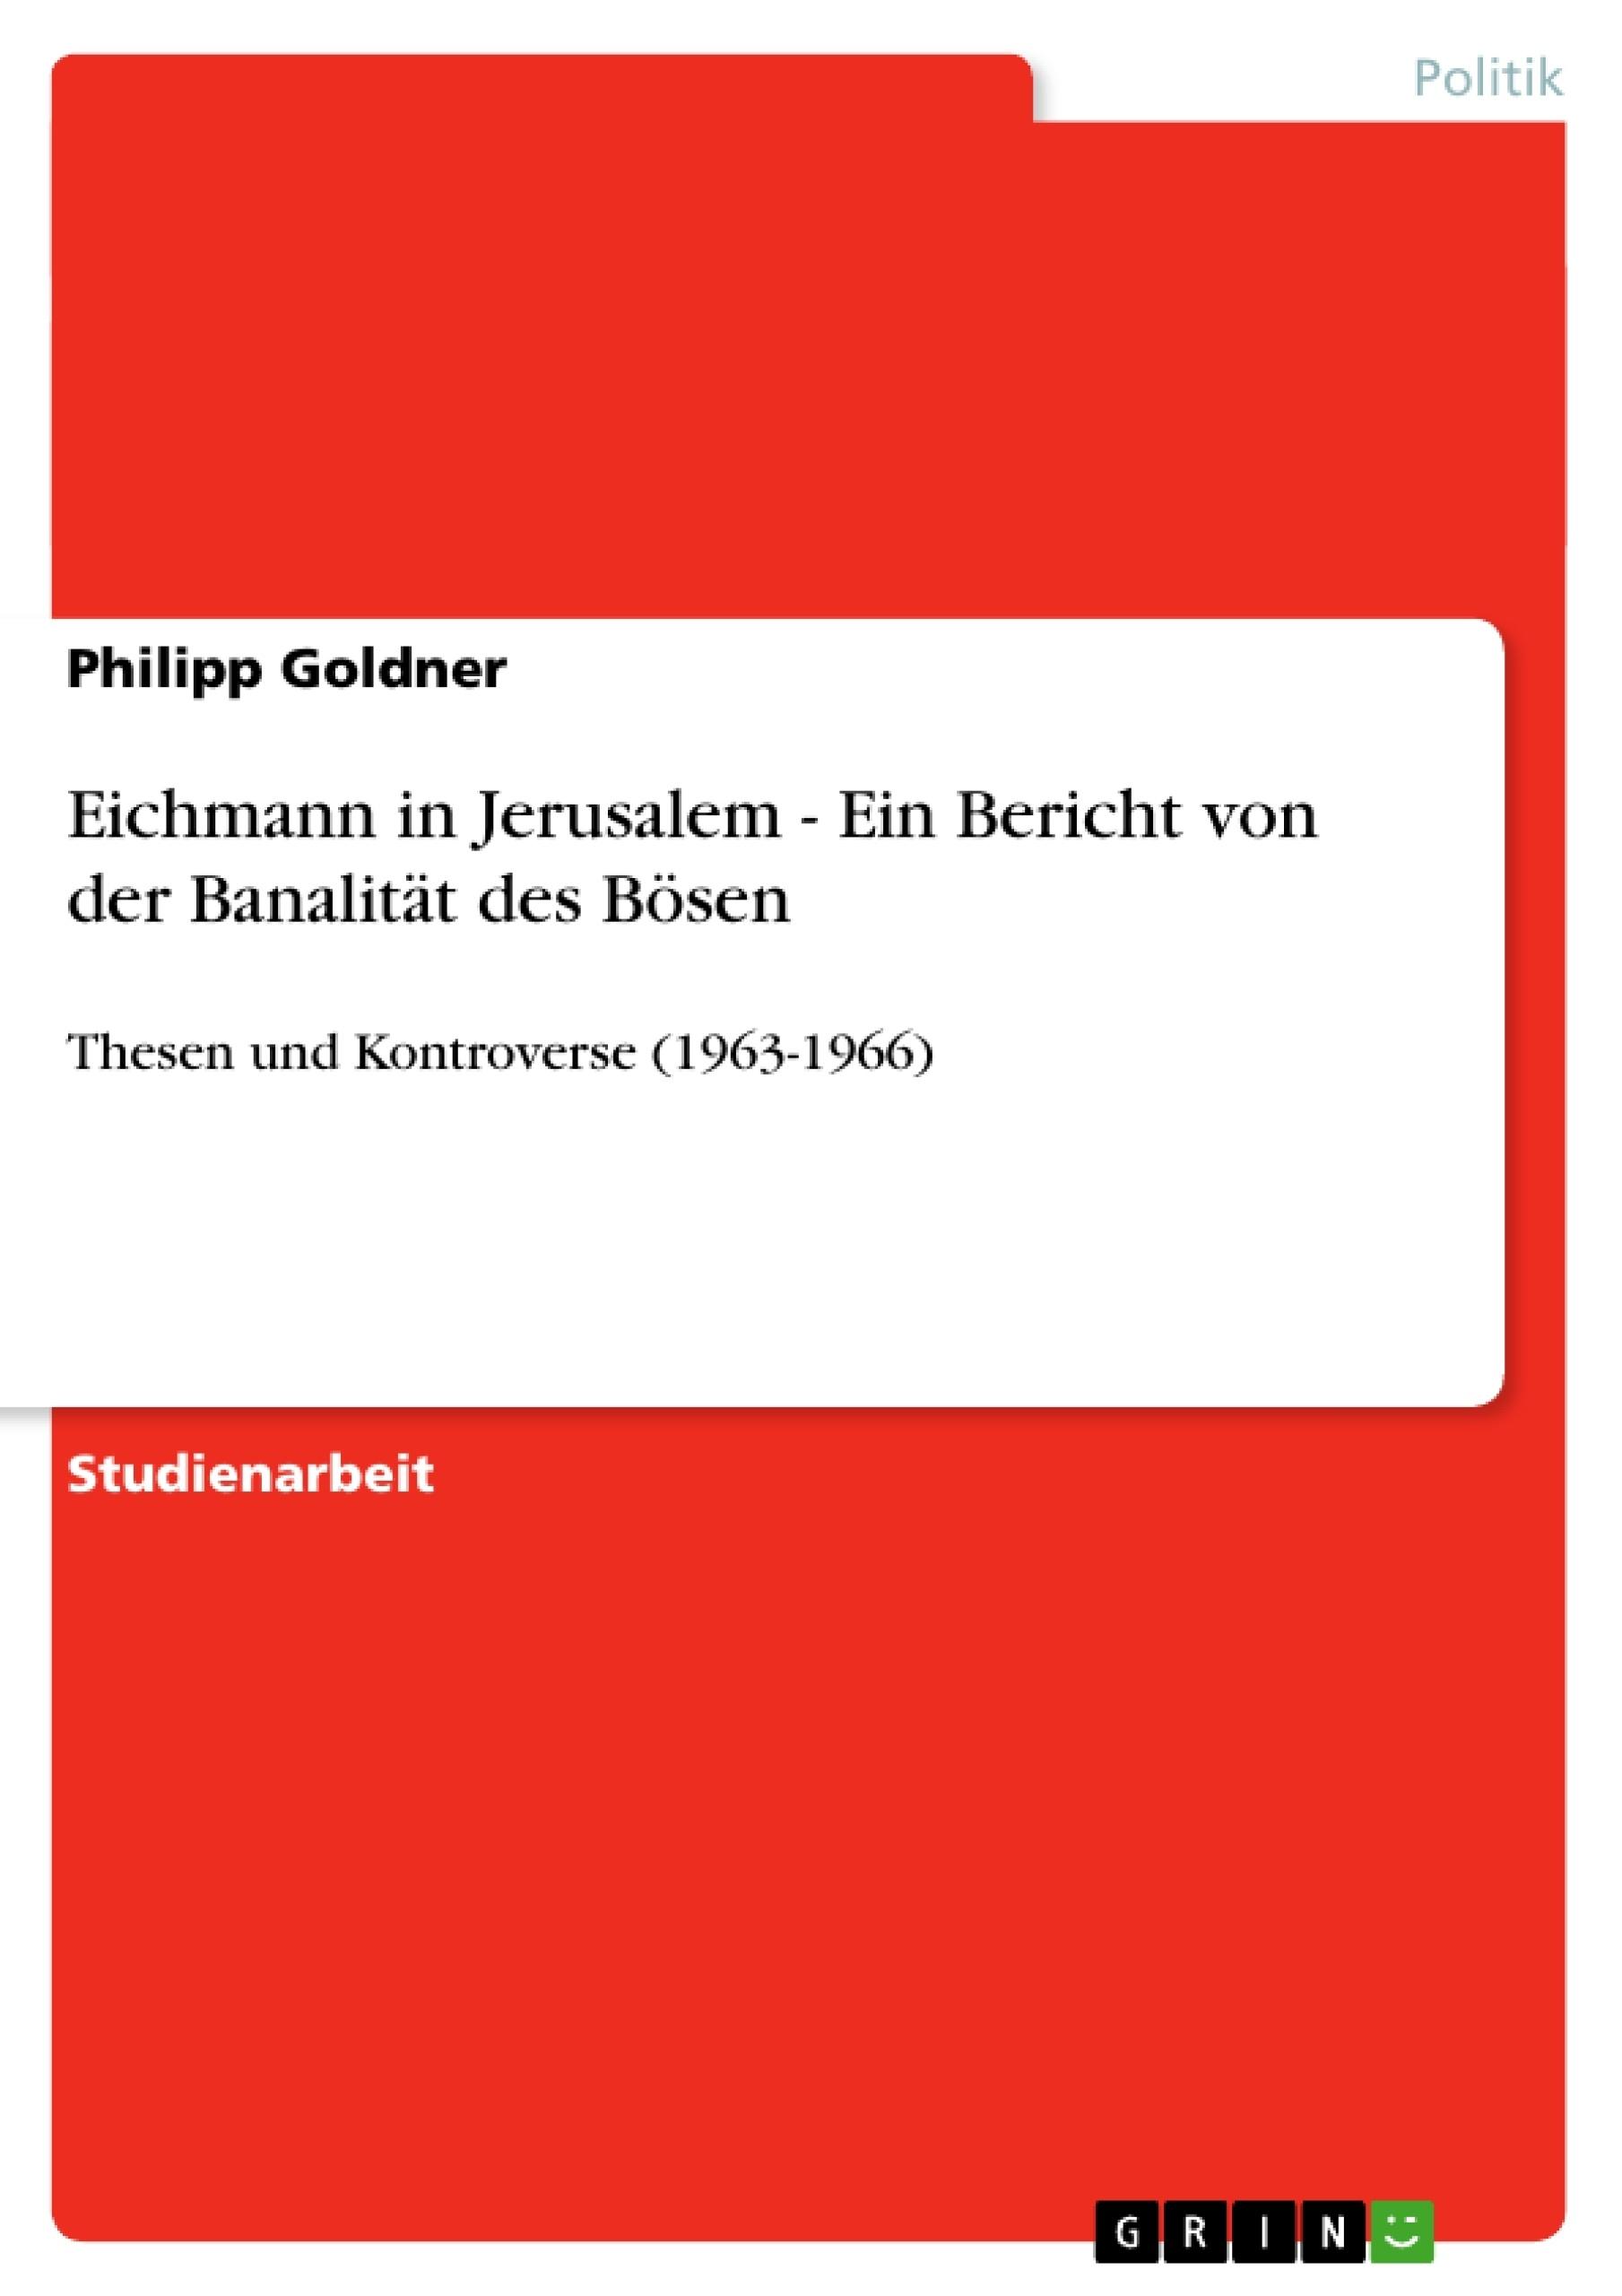 Titel: Eichmann in Jerusalem - Ein Bericht von der Banalität des Bösen